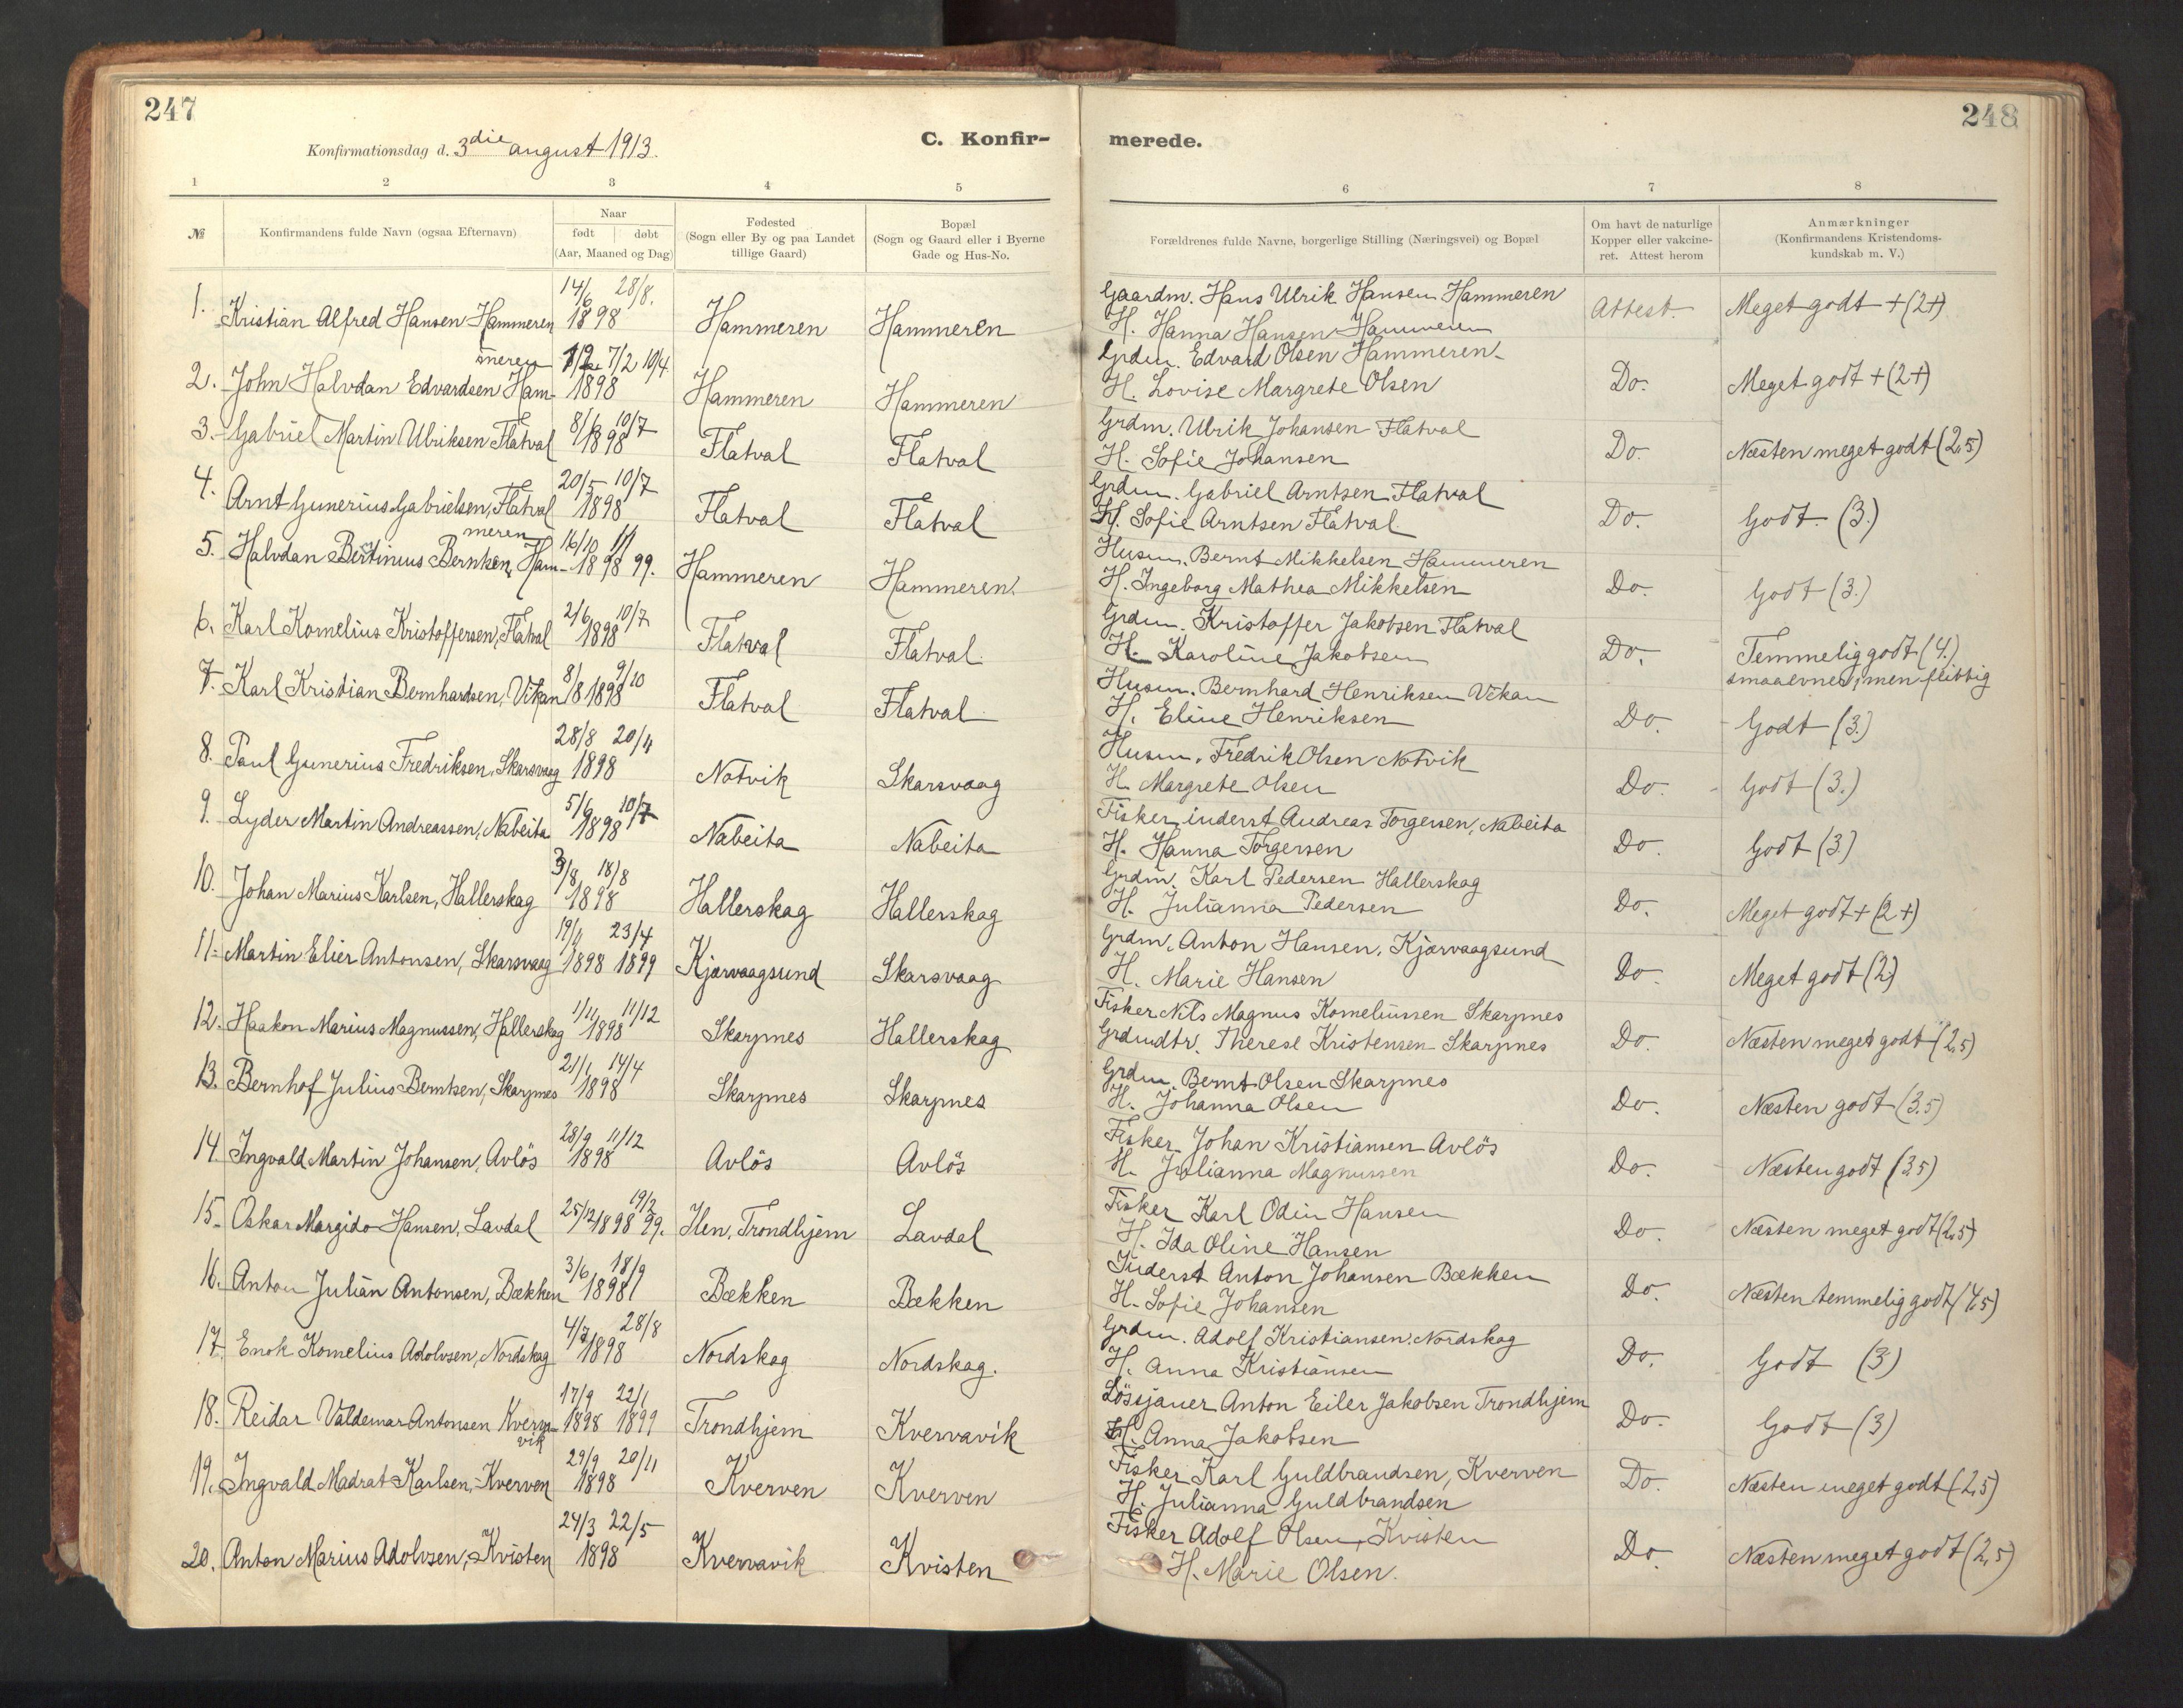 SAT, Ministerialprotokoller, klokkerbøker og fødselsregistre - Sør-Trøndelag, 641/L0596: Ministerialbok nr. 641A02, 1898-1915, s. 247-248